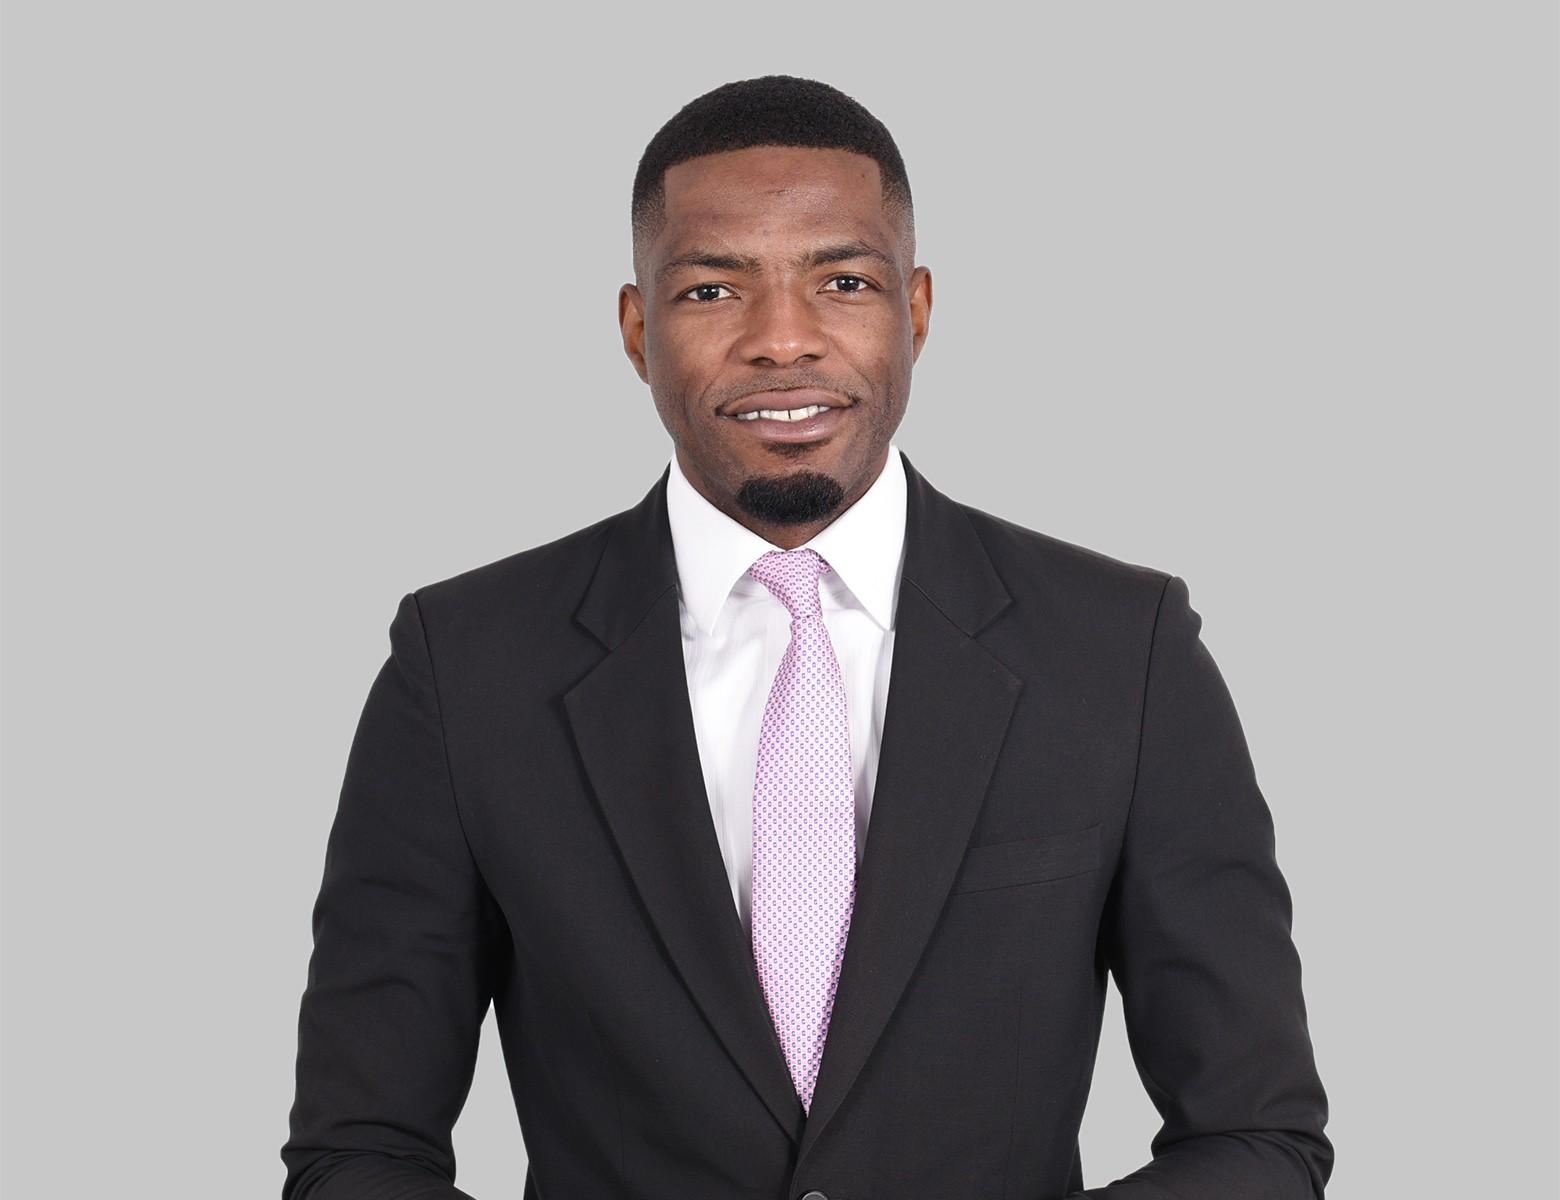 Samson Olagunju